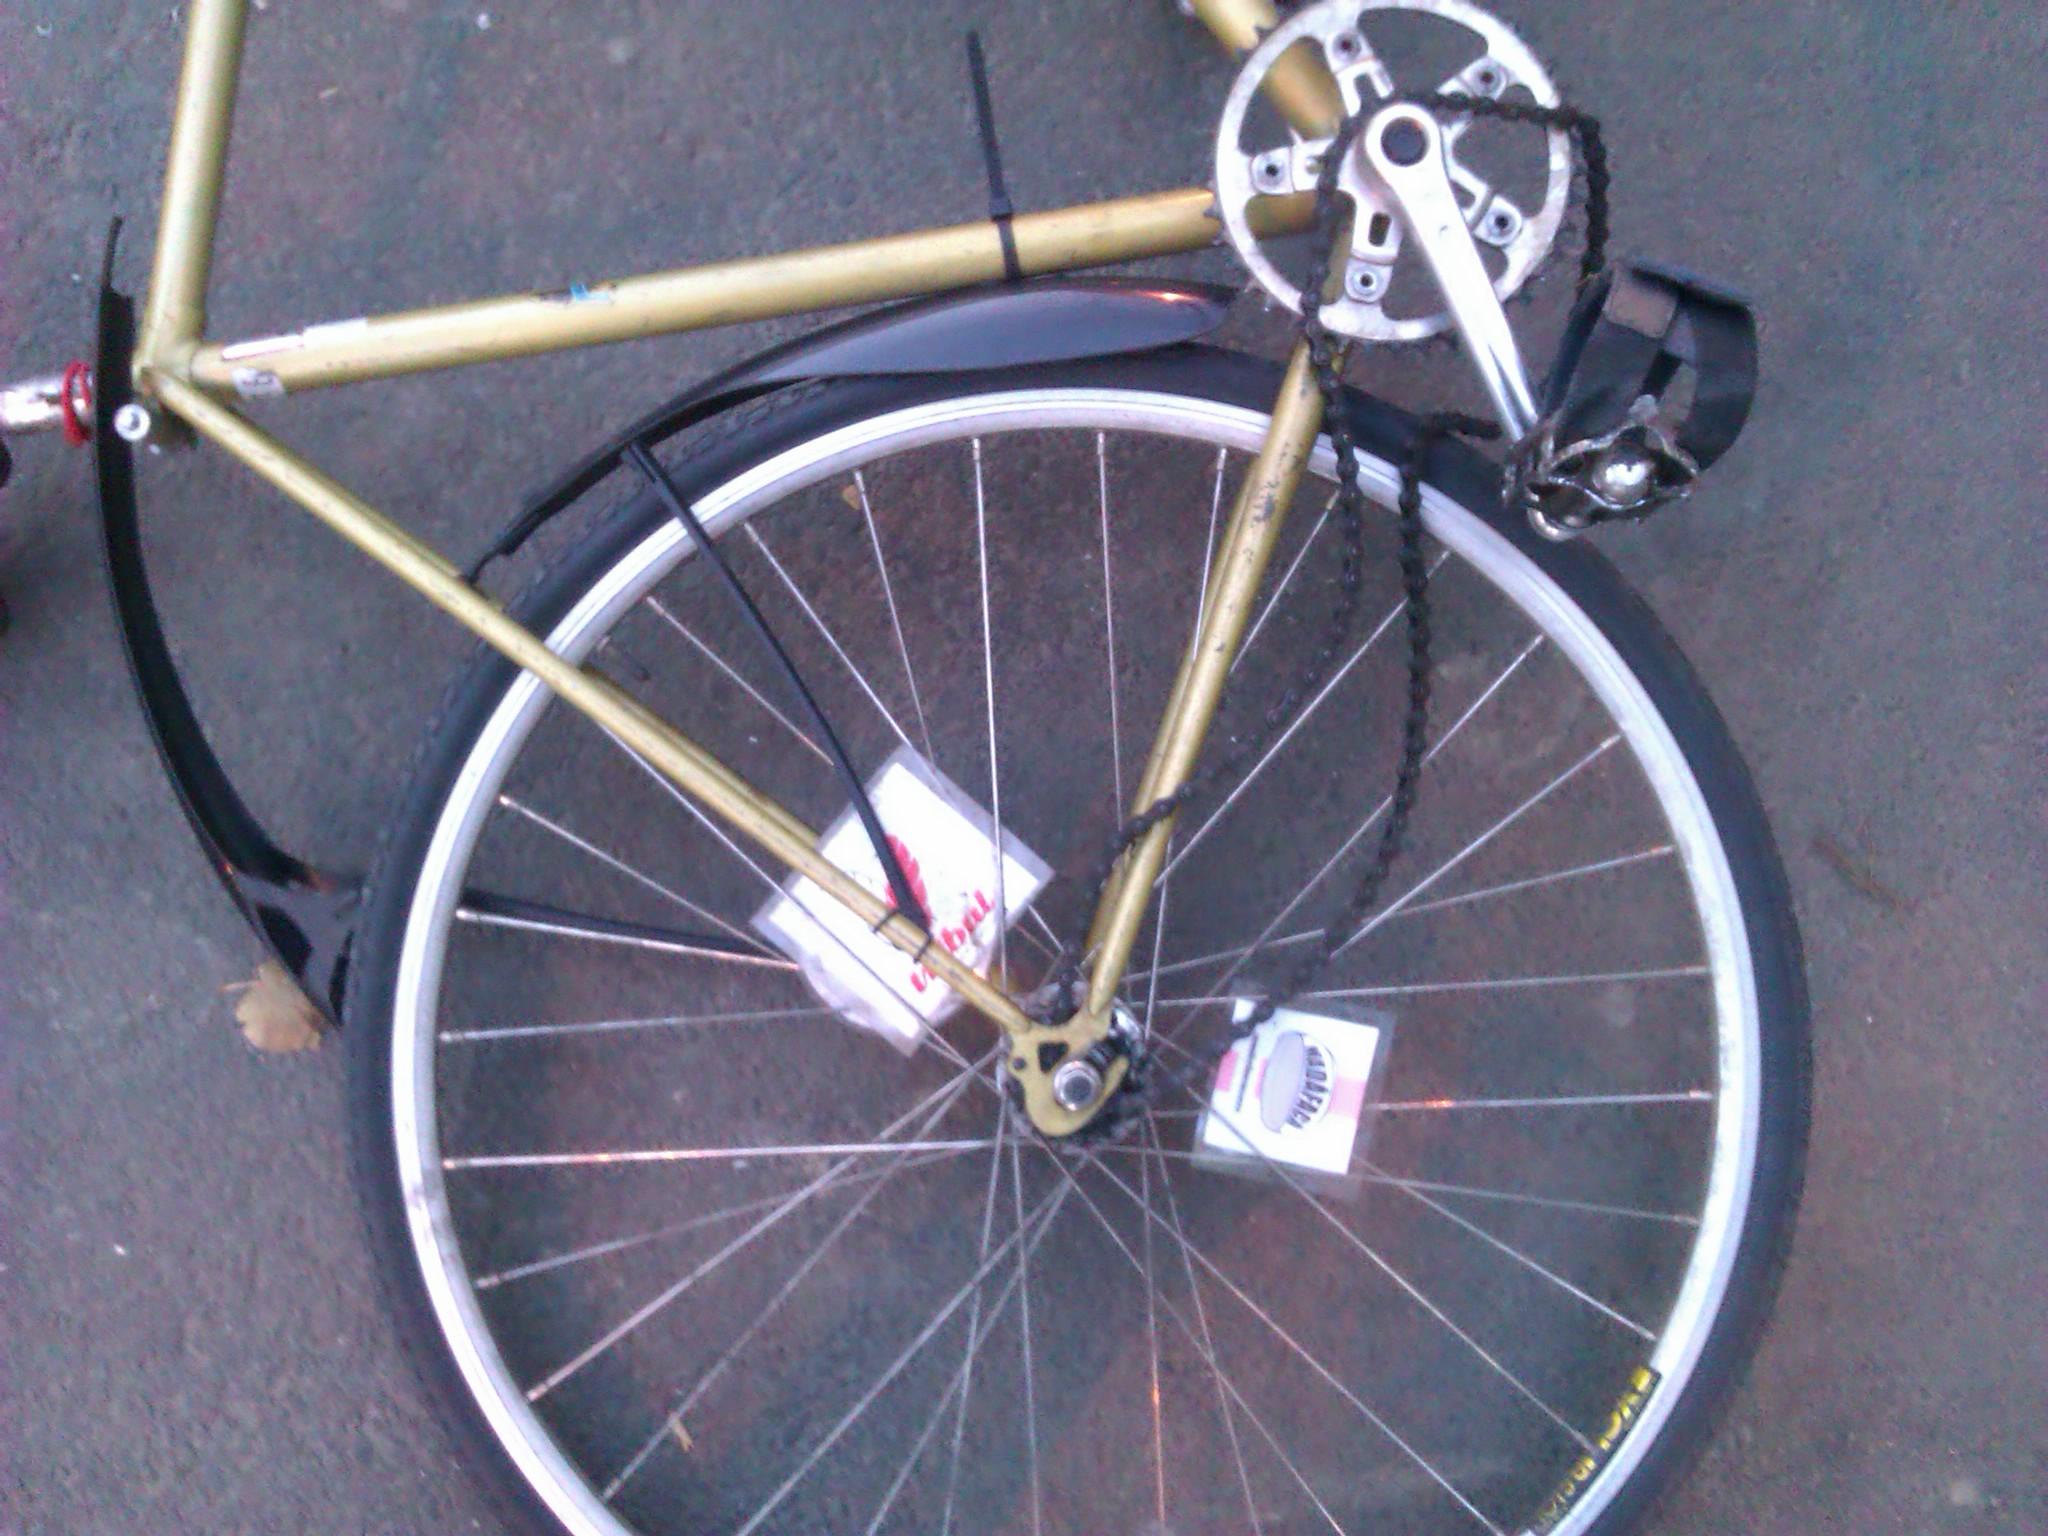 Am făcut o pană. Mi-am distrus o parte din biclă. Pot să dau statul în judecată?